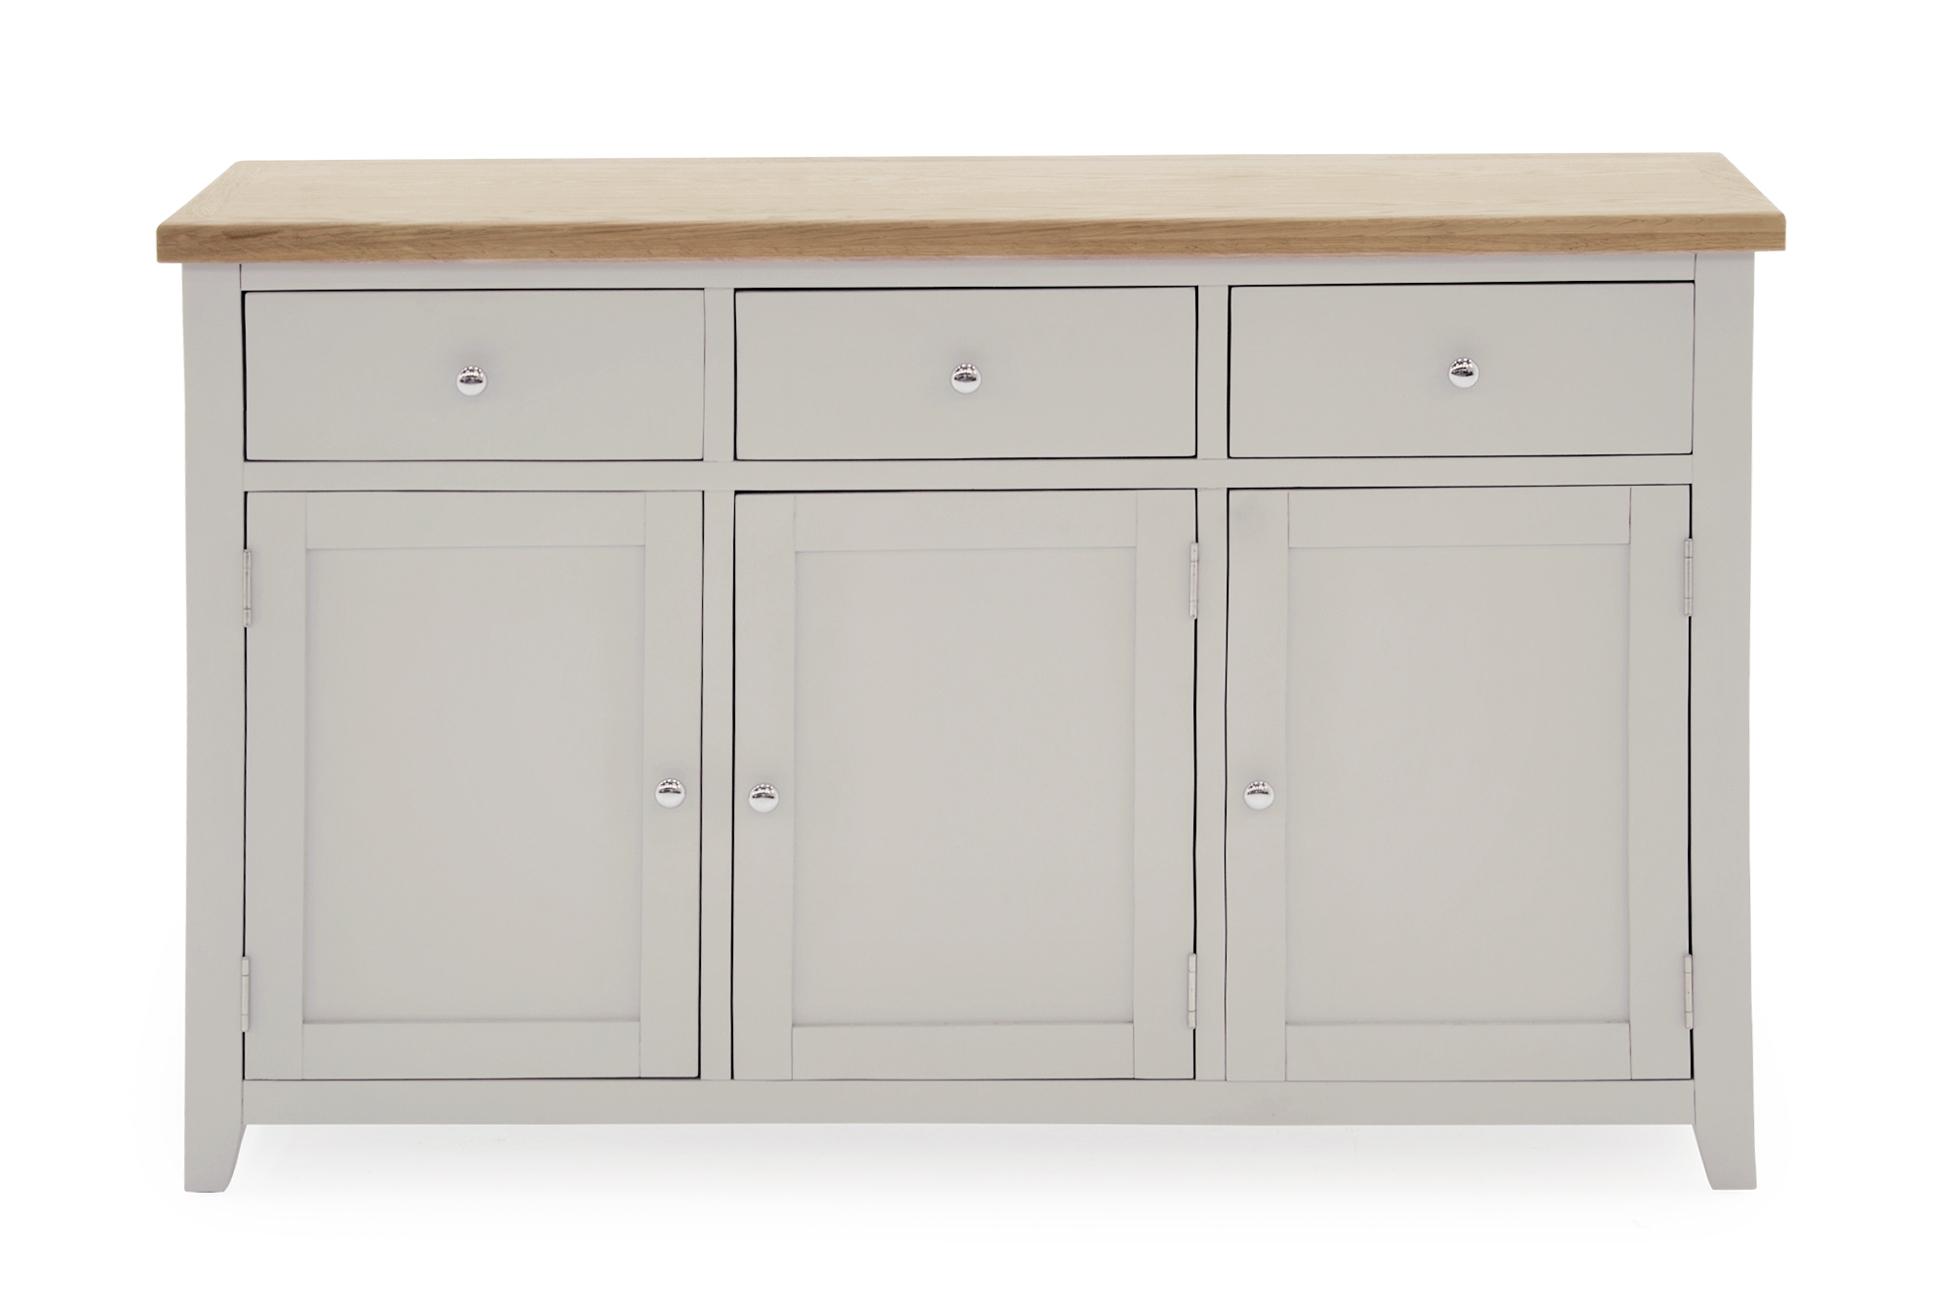 Comoda din lemn de pin si MDF cu 3 sertare si 3 usi Ferndale Large Grey / Oak l137xA44xH85 cm